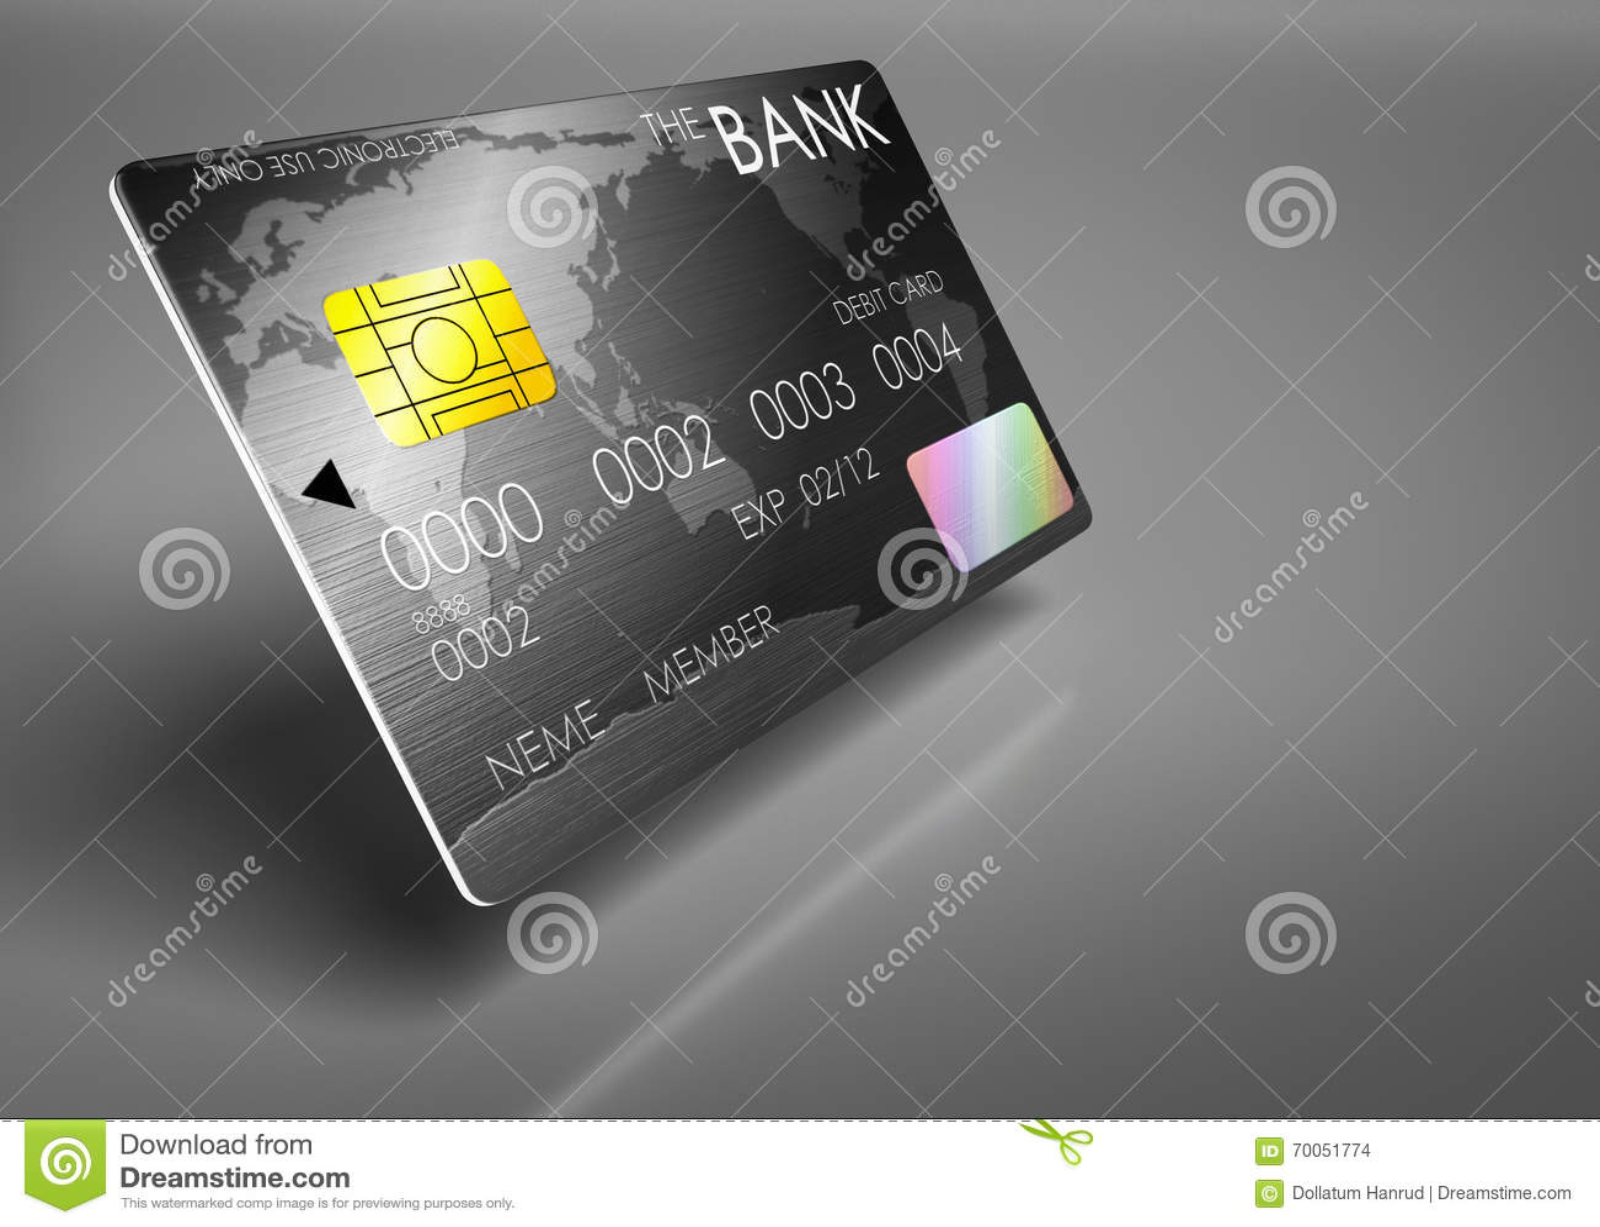 Debit cards luxury.